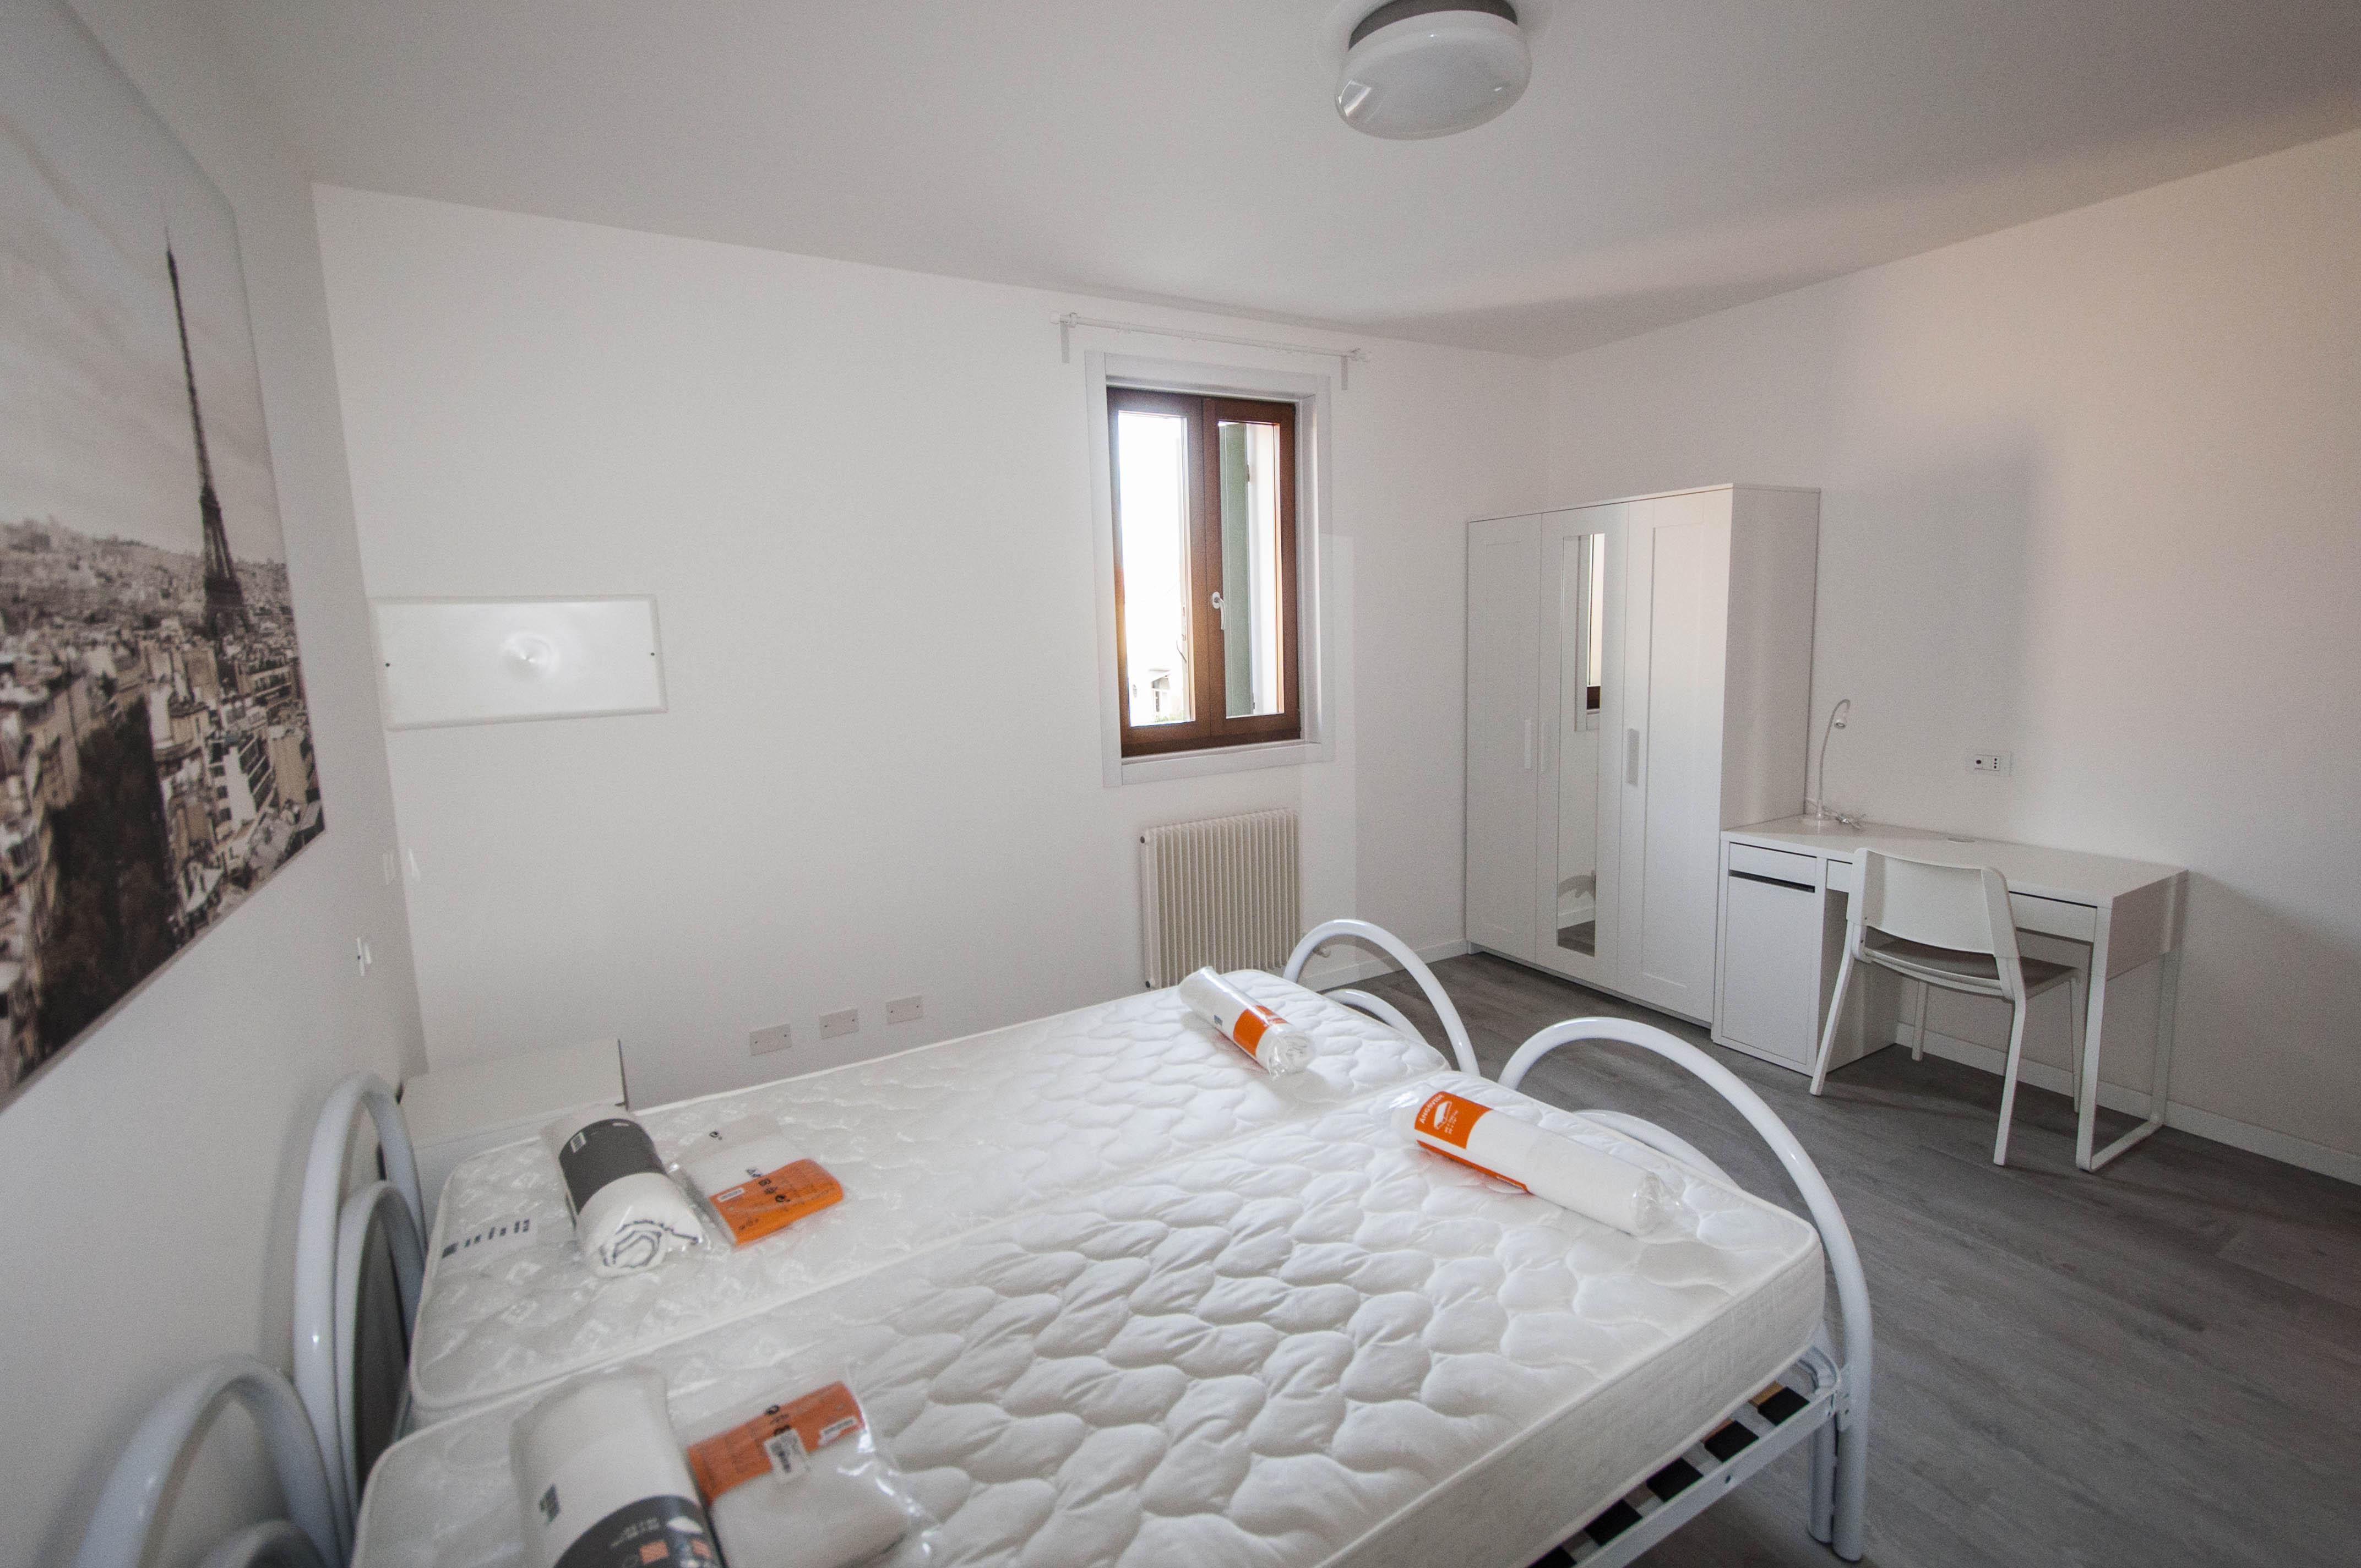 Camere-in-Affitto-Treviso-Villorba-Studio-Architettura-Zanatta-95